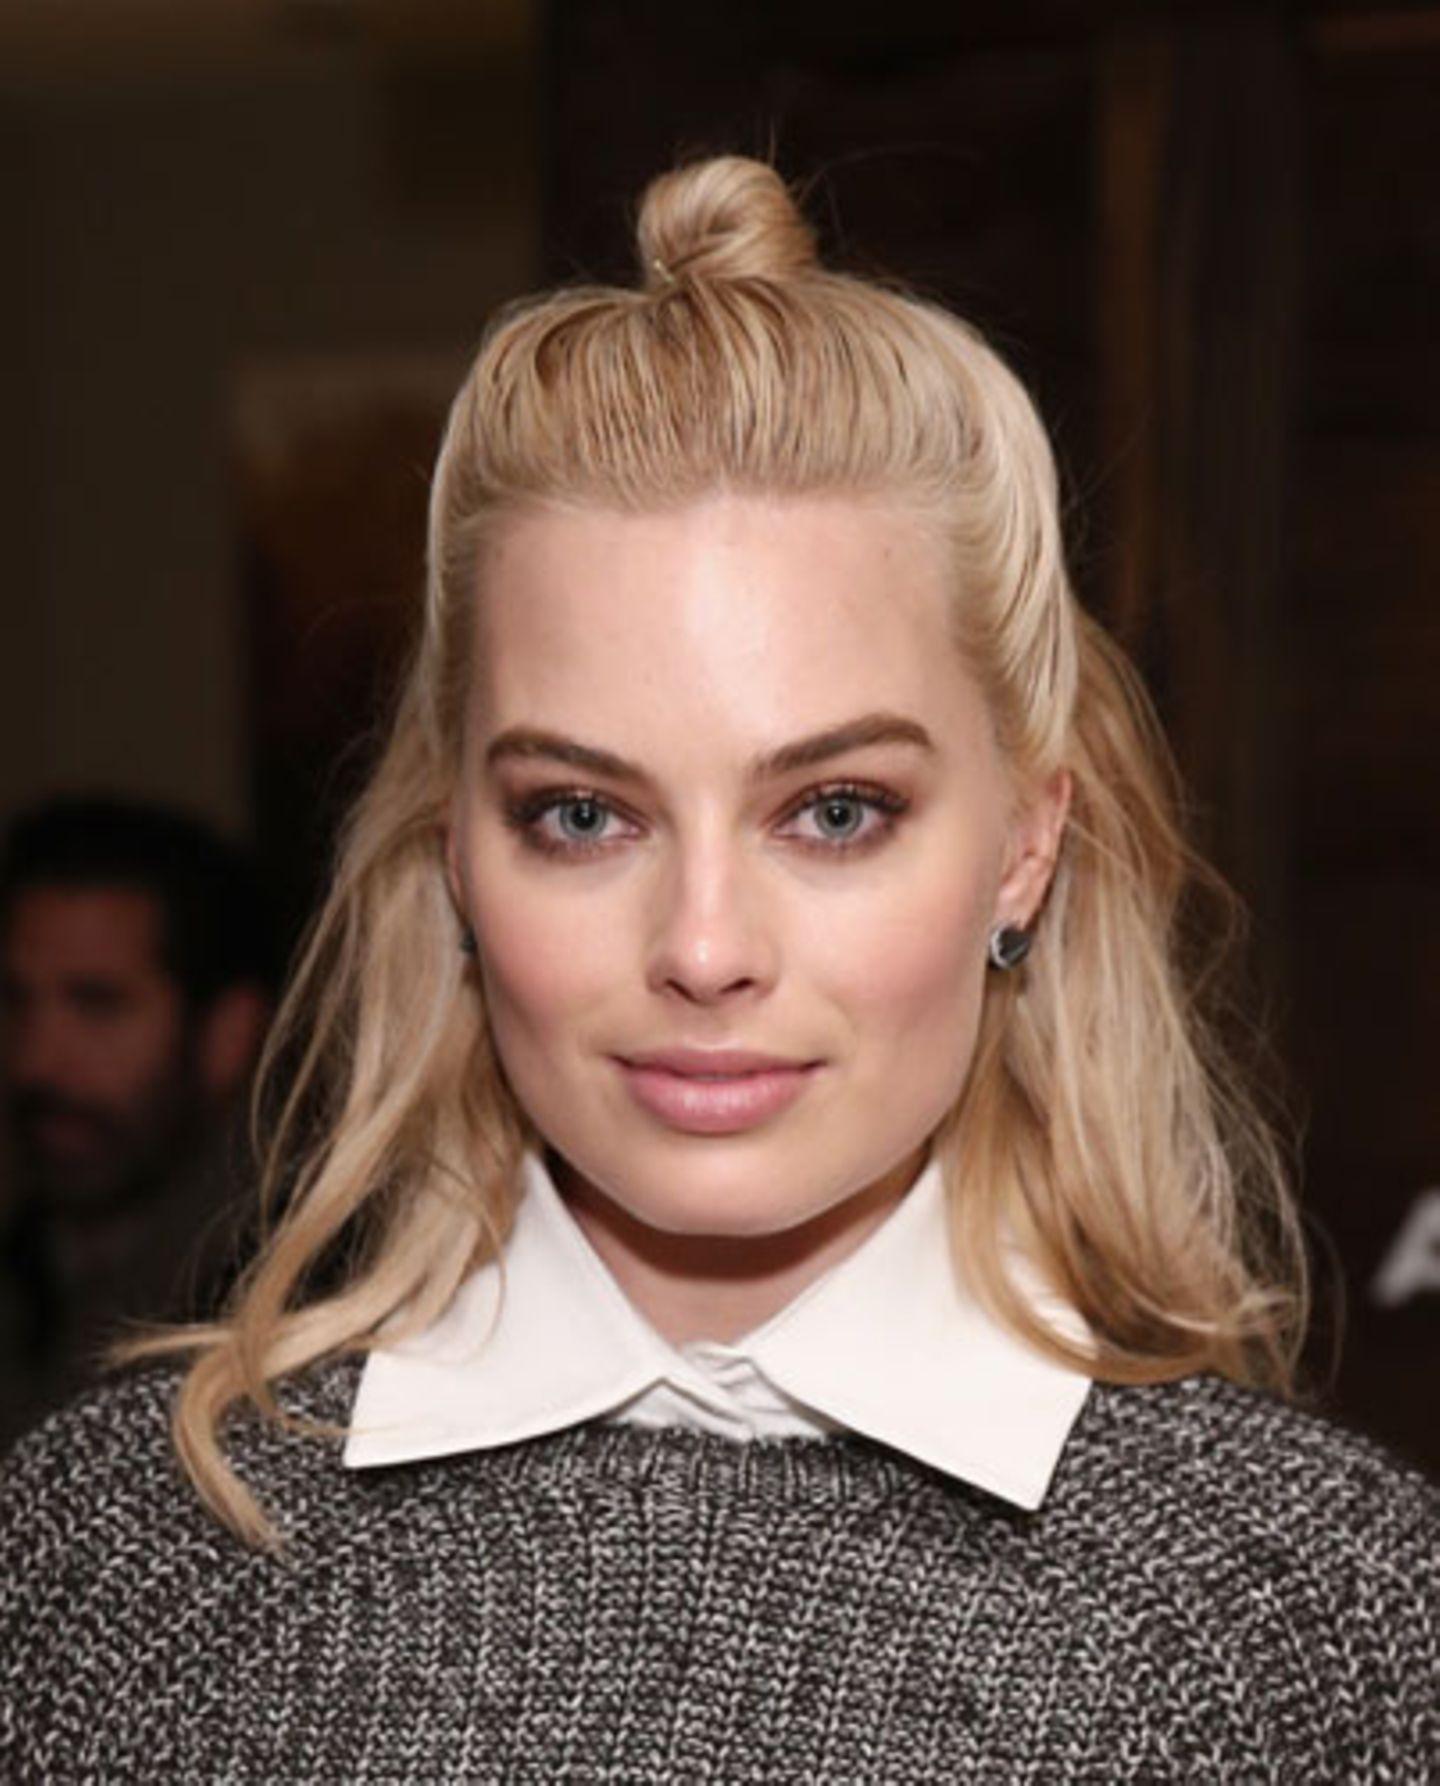 """Die australische Schauspielerin Margot Robbie trägt den """"Half Bun"""" in unserer Lieblingsvariante: Der Knoten sauber gestylt, der Rest der Haare leicht gewellt. Nicht zu schick, nicht zu lässig! Ein Styling, das sowohl für das Büro als auch für die Party funktioniert."""